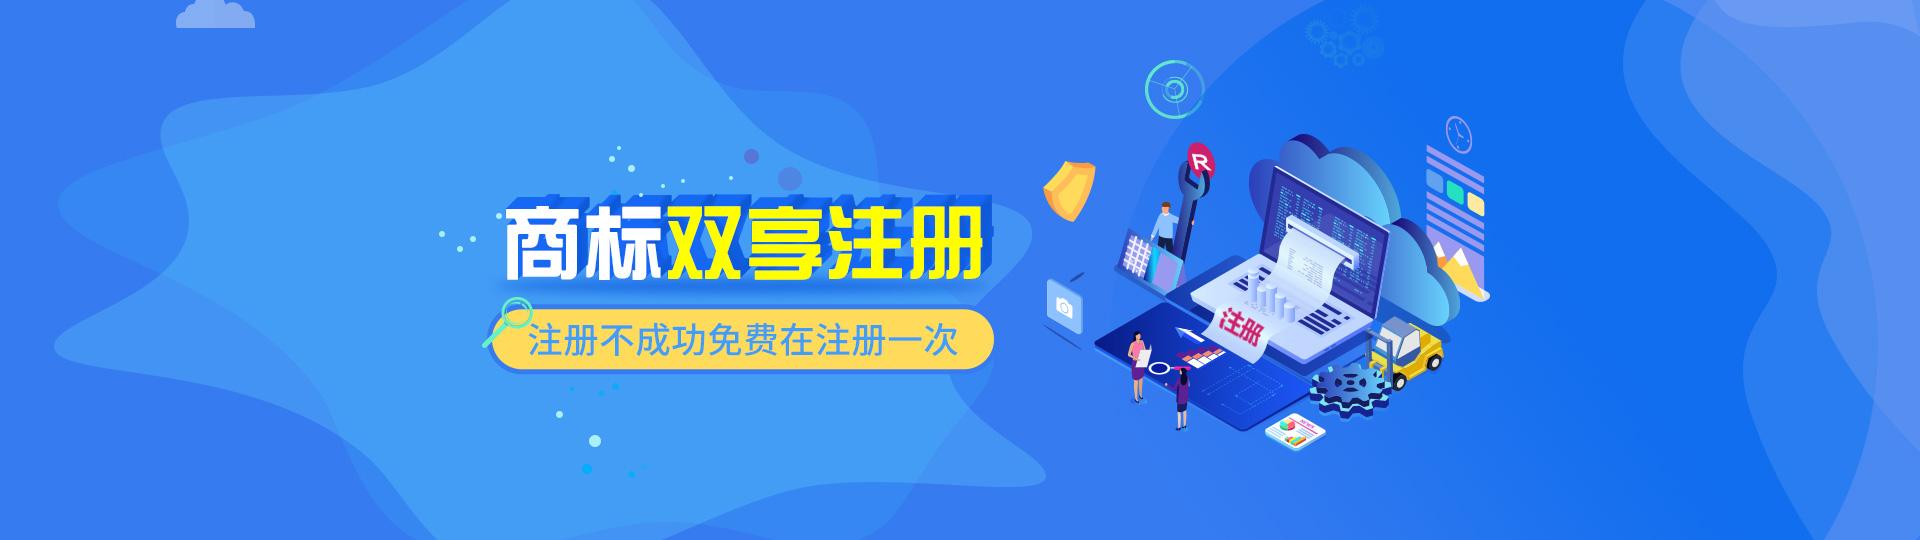 商標注冊_免費商標查詢_中國商標網_一品標局